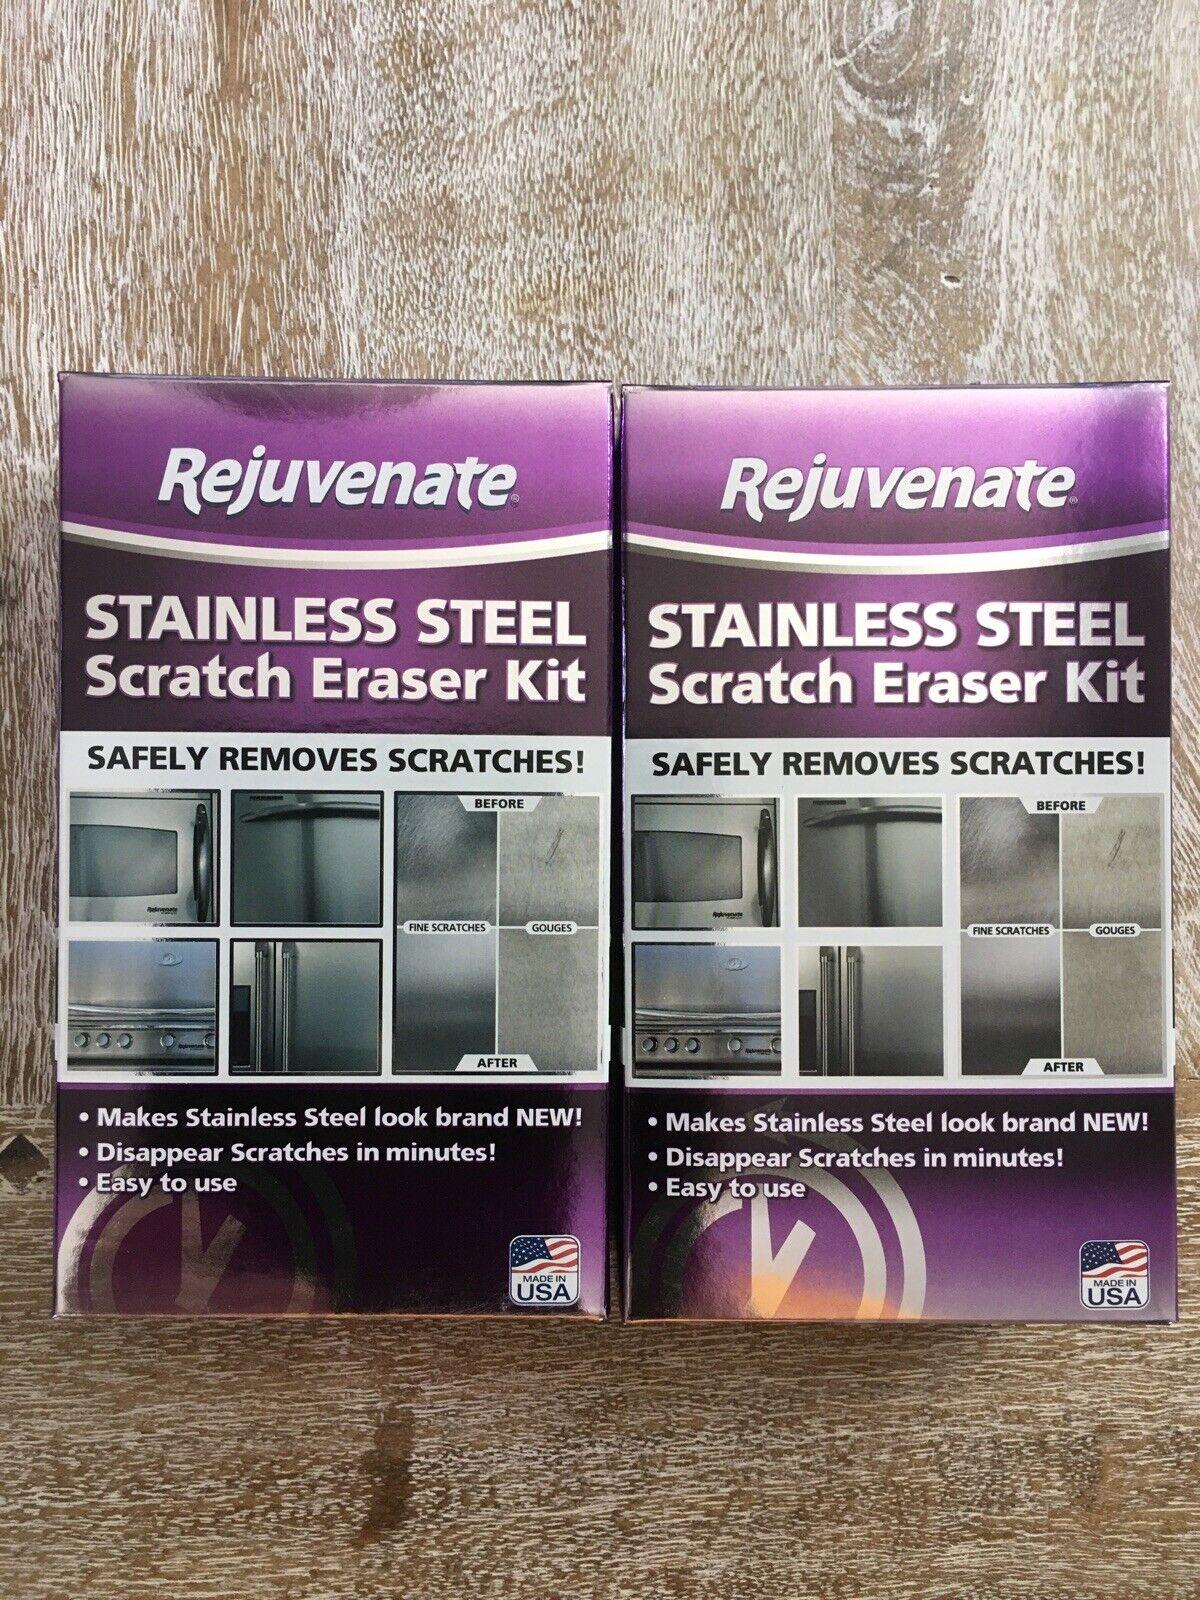 1 Pack Rejuvenate Stainless Steel Scratch Eraser Kit Safely Removes